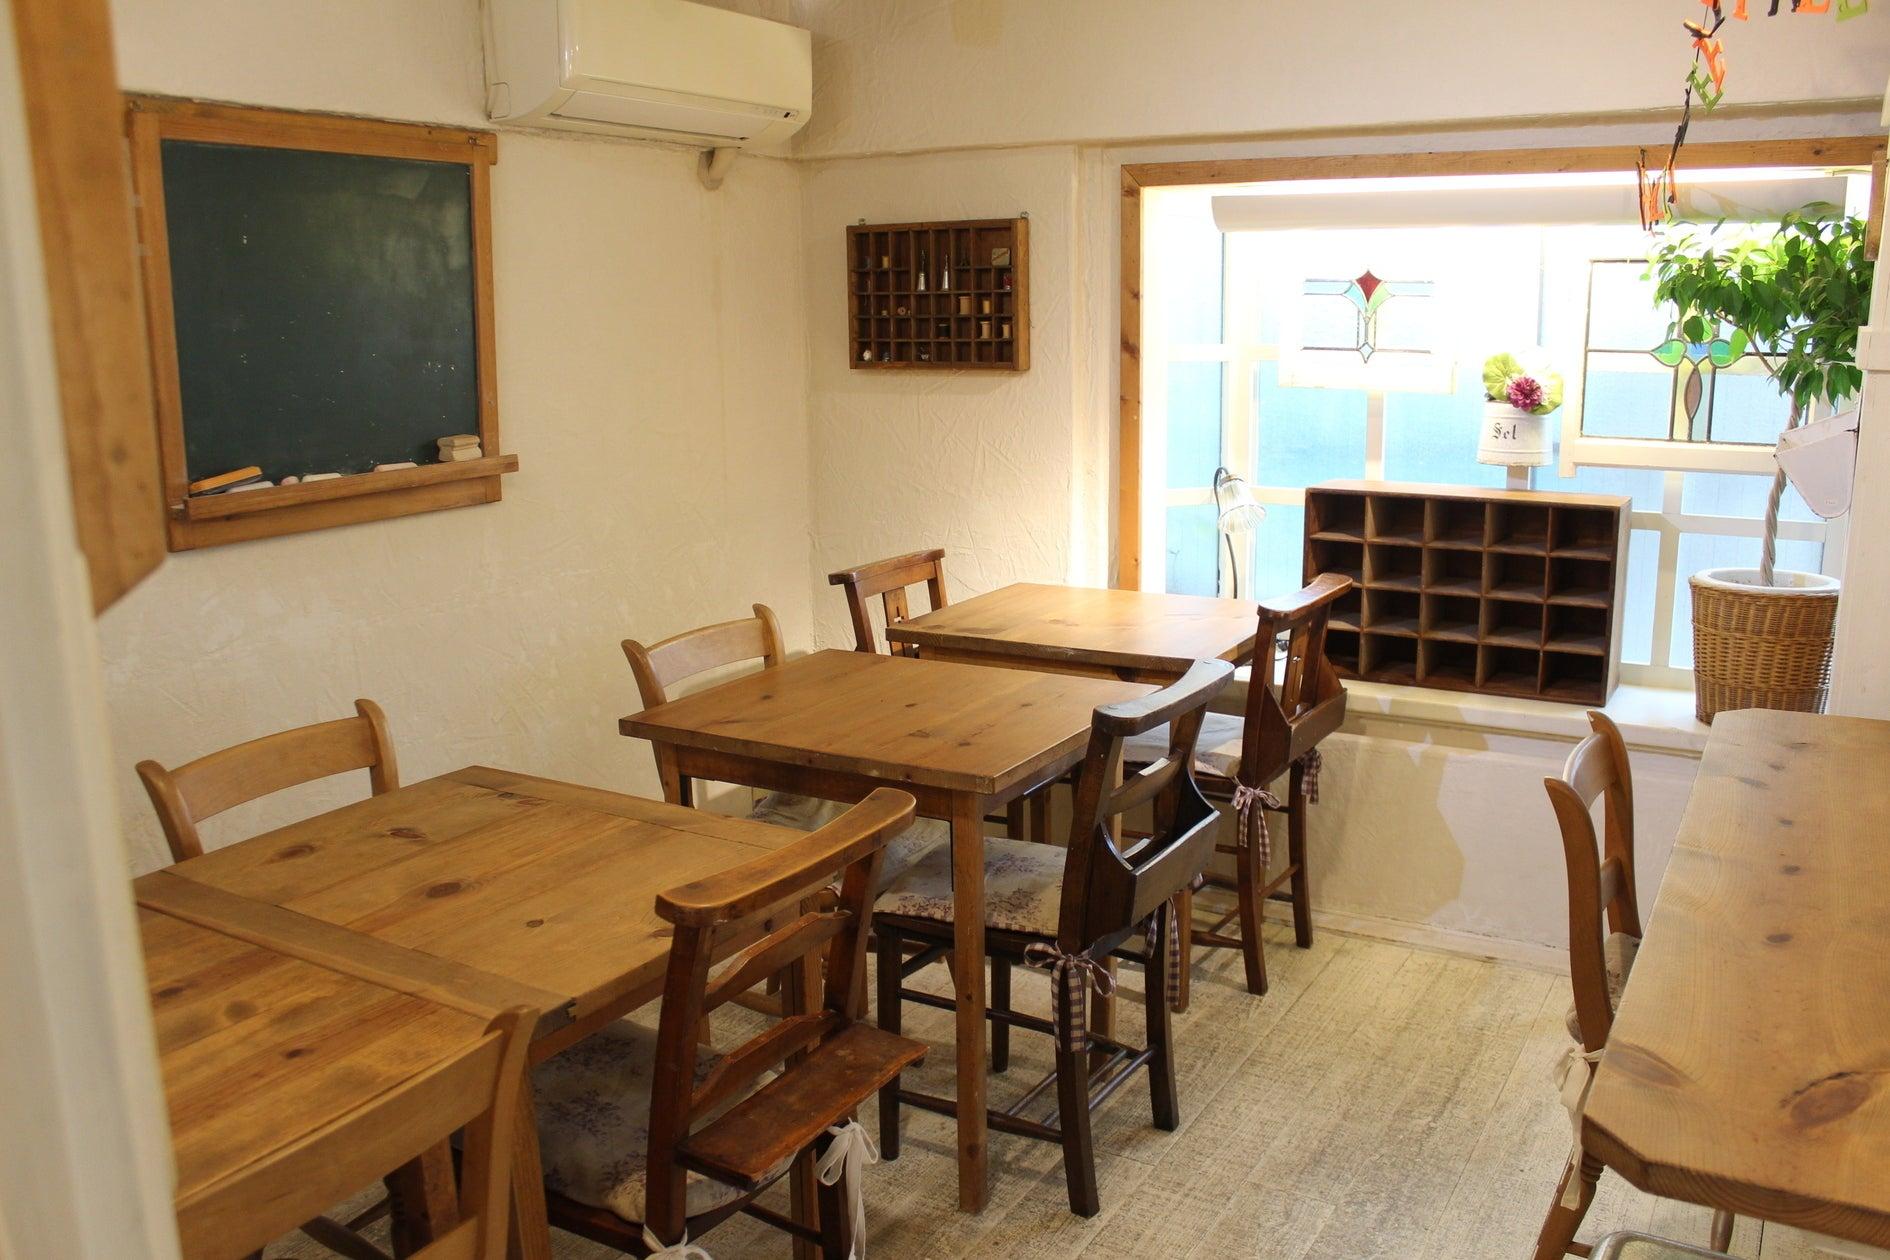 【キッチン・テレビ付き】格安でおしゃれなレンタルスペース!会合に、講座の会場に、1DAYカフェにいかがですか?(WOODSIDE39) の写真0